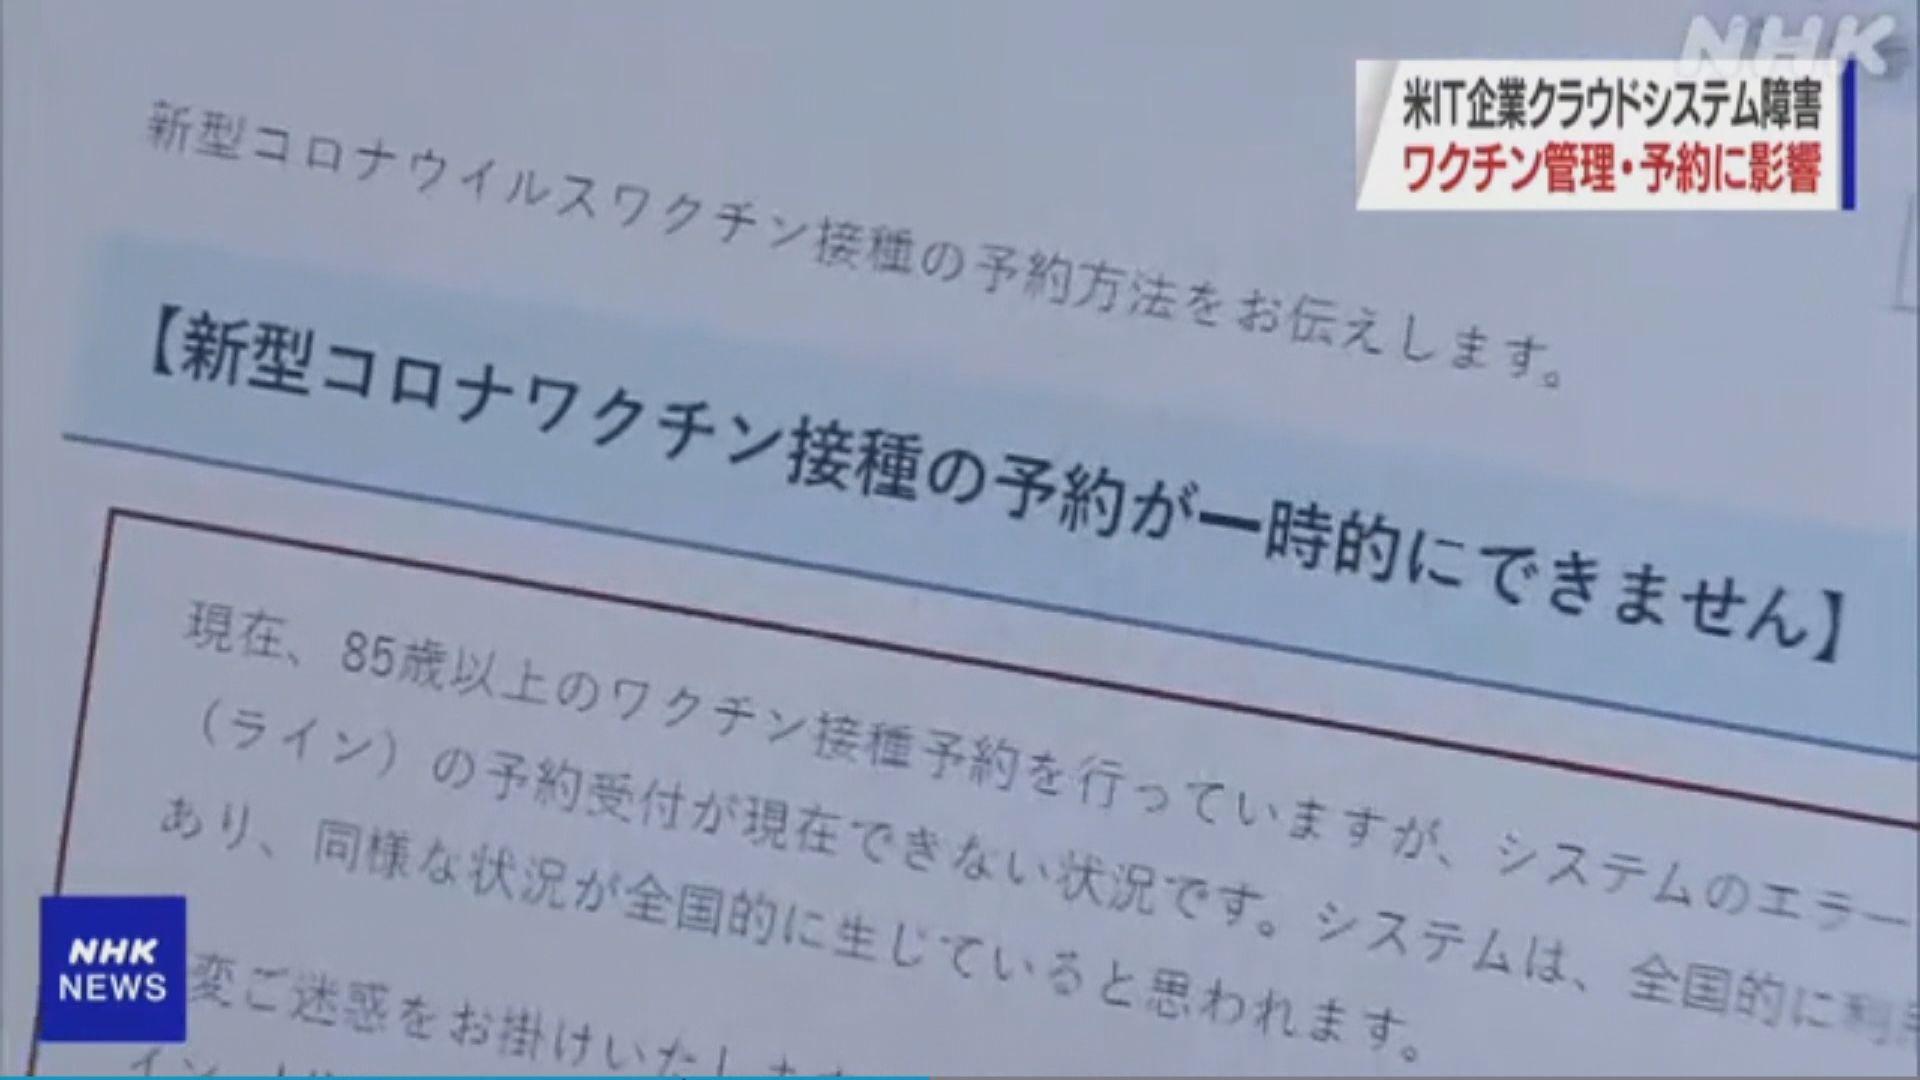 日本多地疫苗預約接種系統故障 民眾未能預約打針